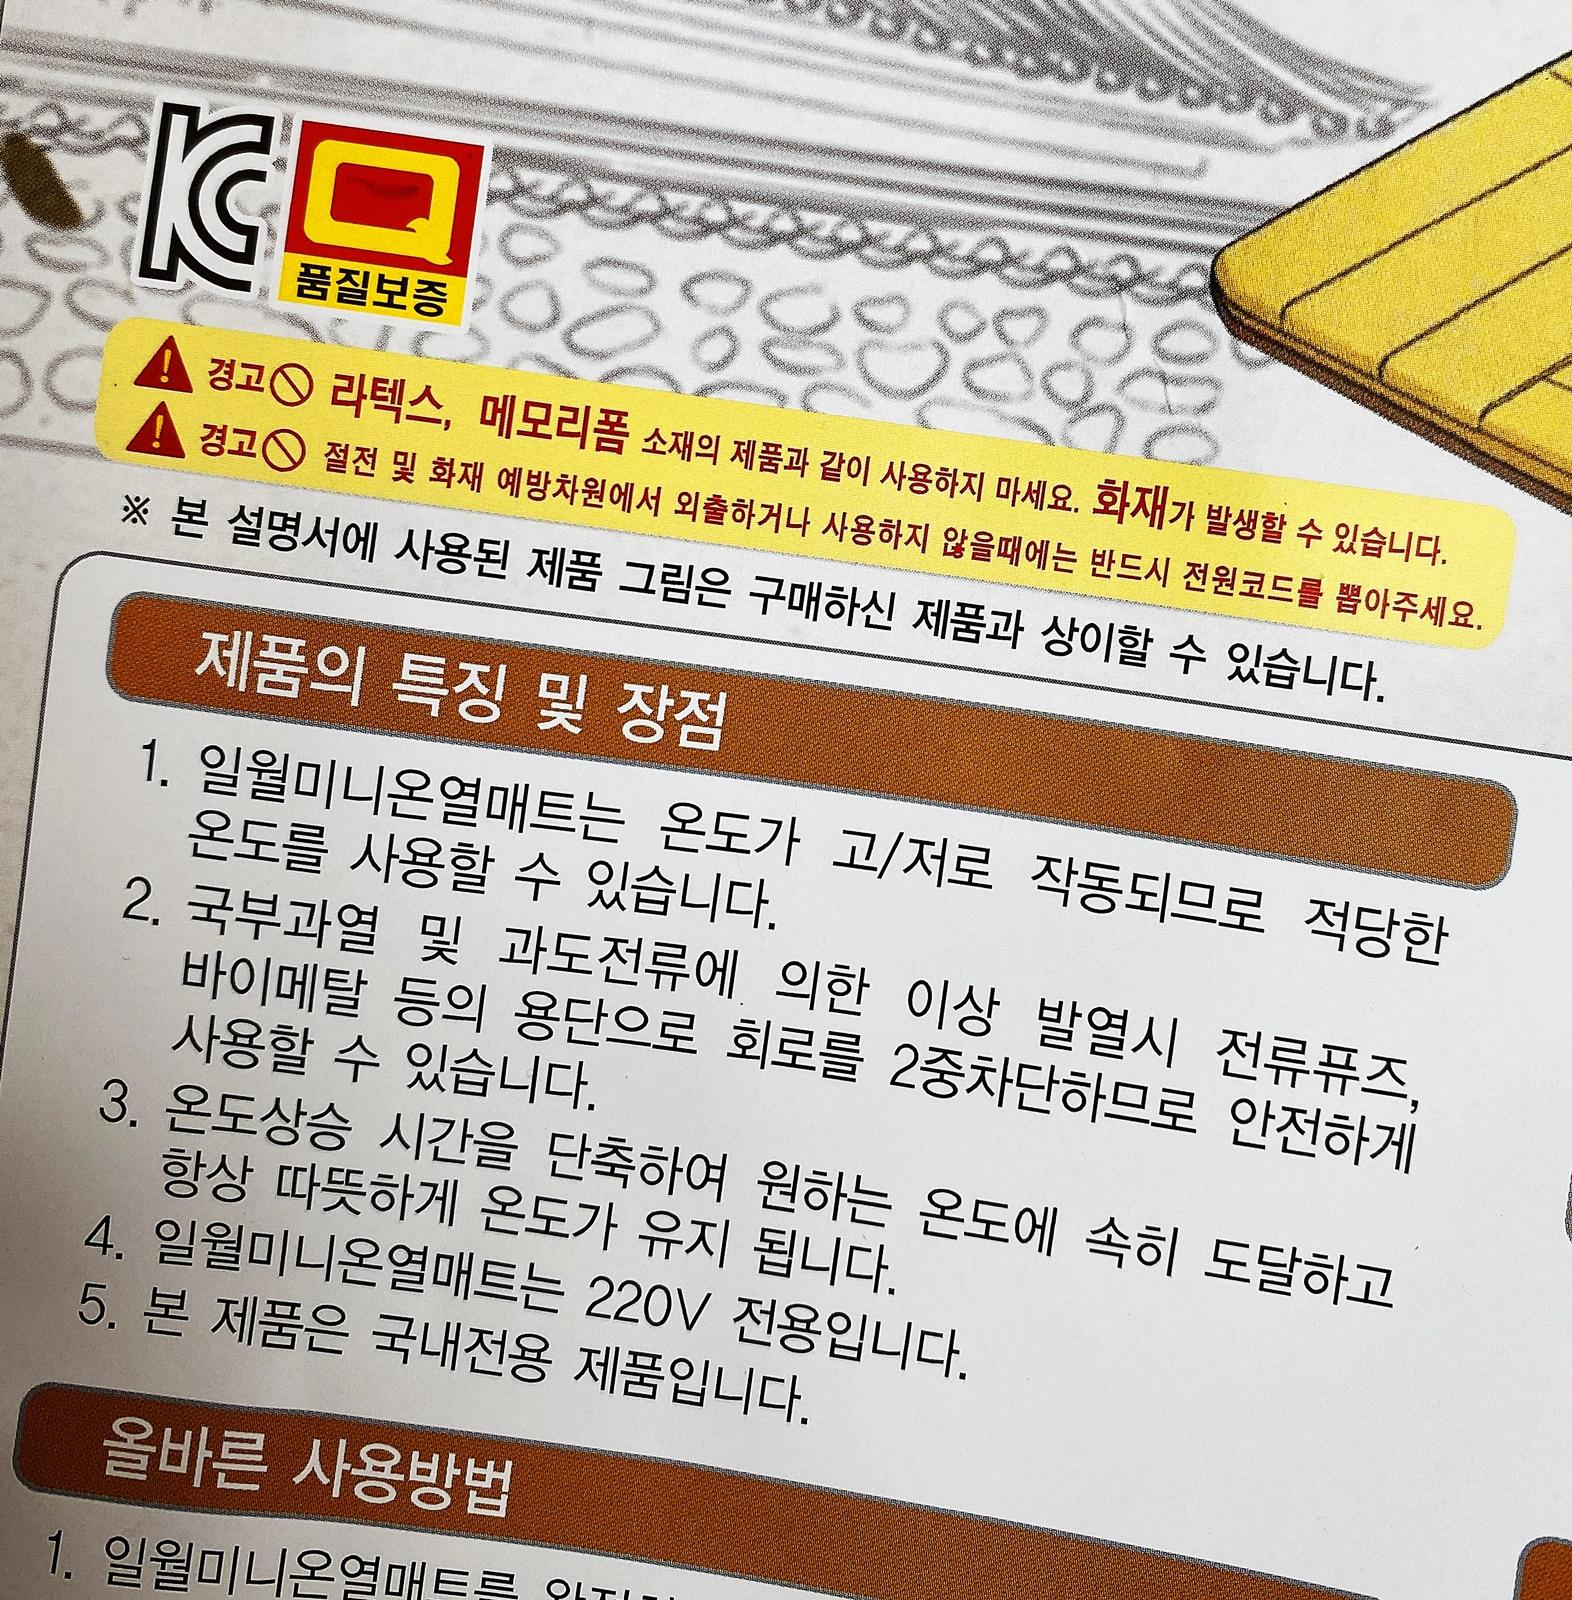 전기매트 사용법 1